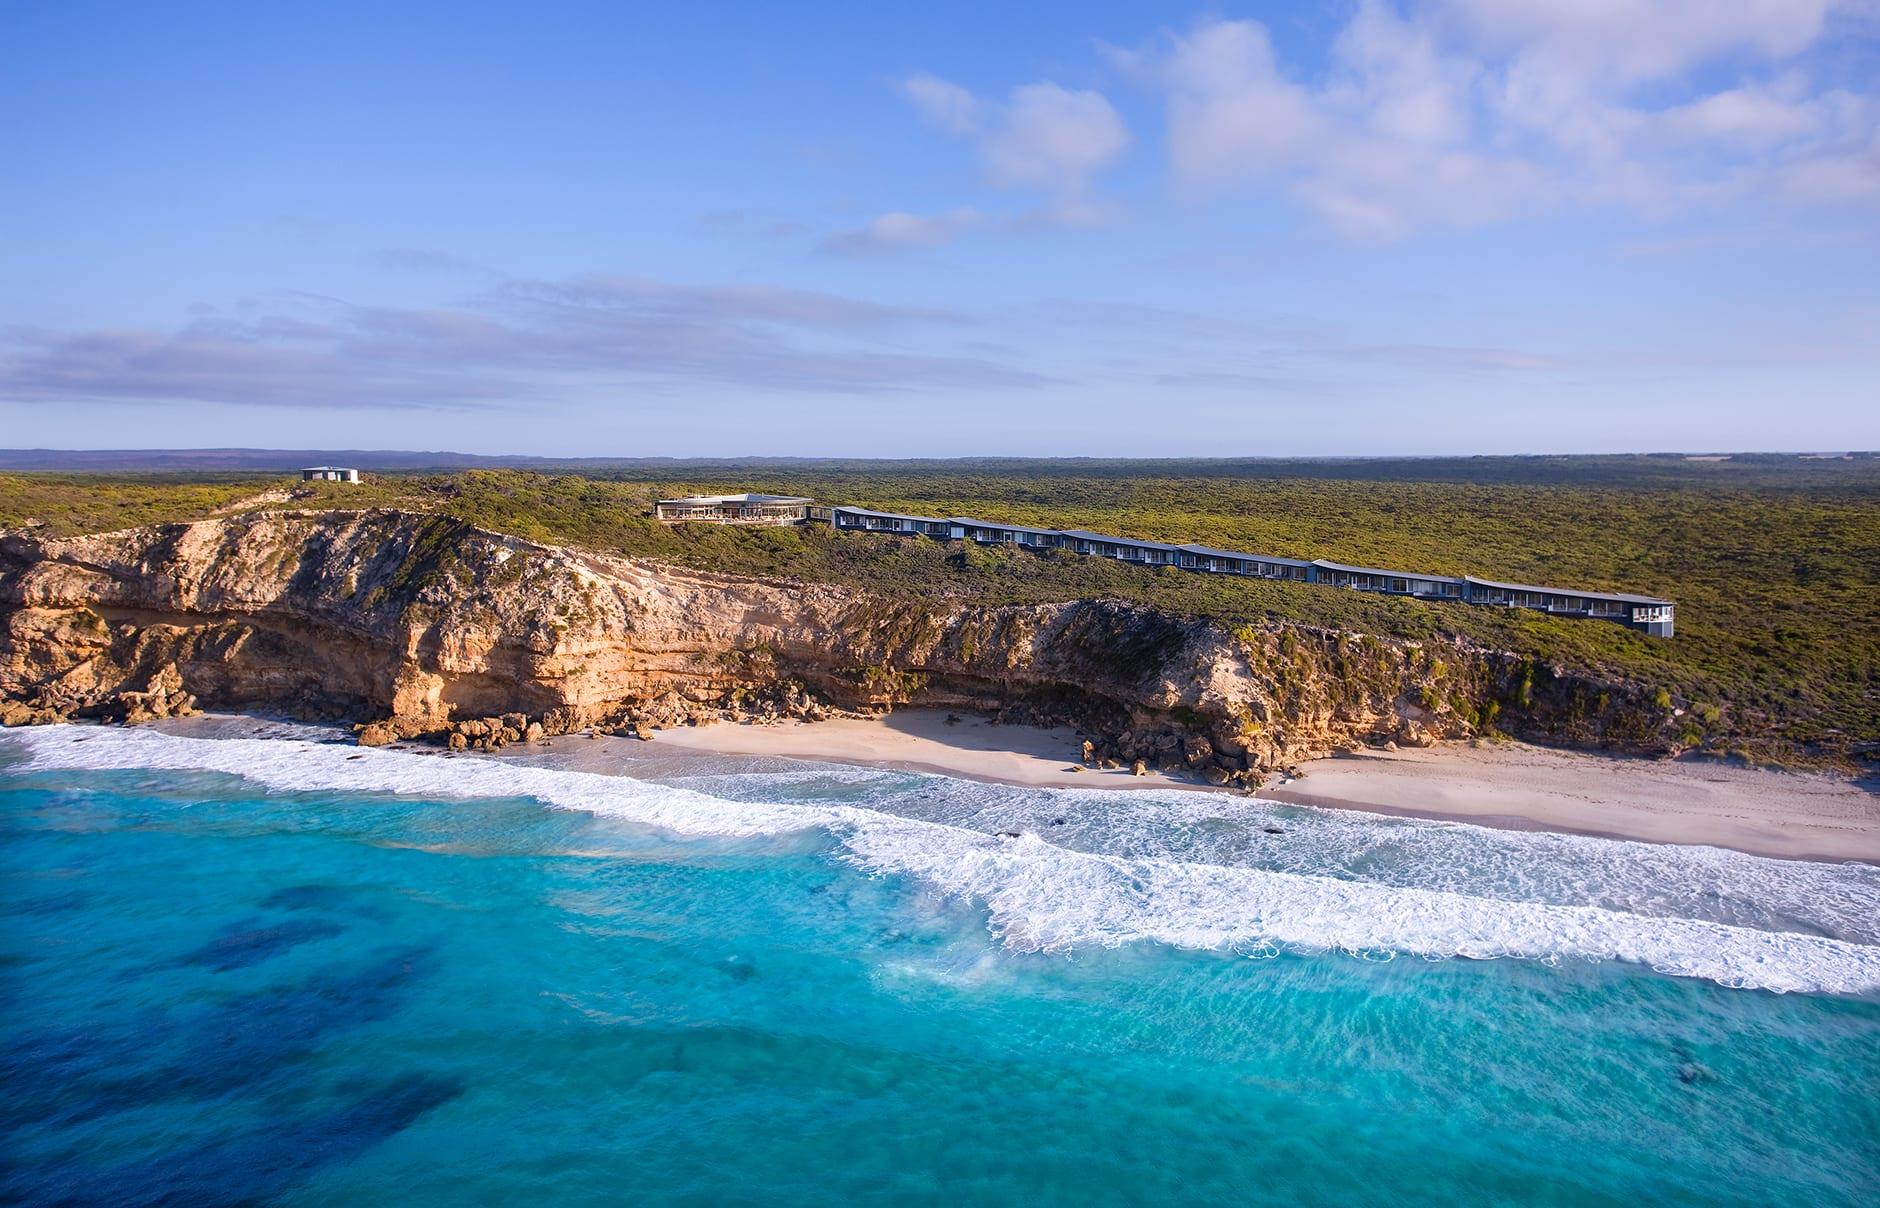 Lodge Aerial. Southern Ocean Lodge, Kangaroo Island, Australia. © Luxury Lodges of Australia